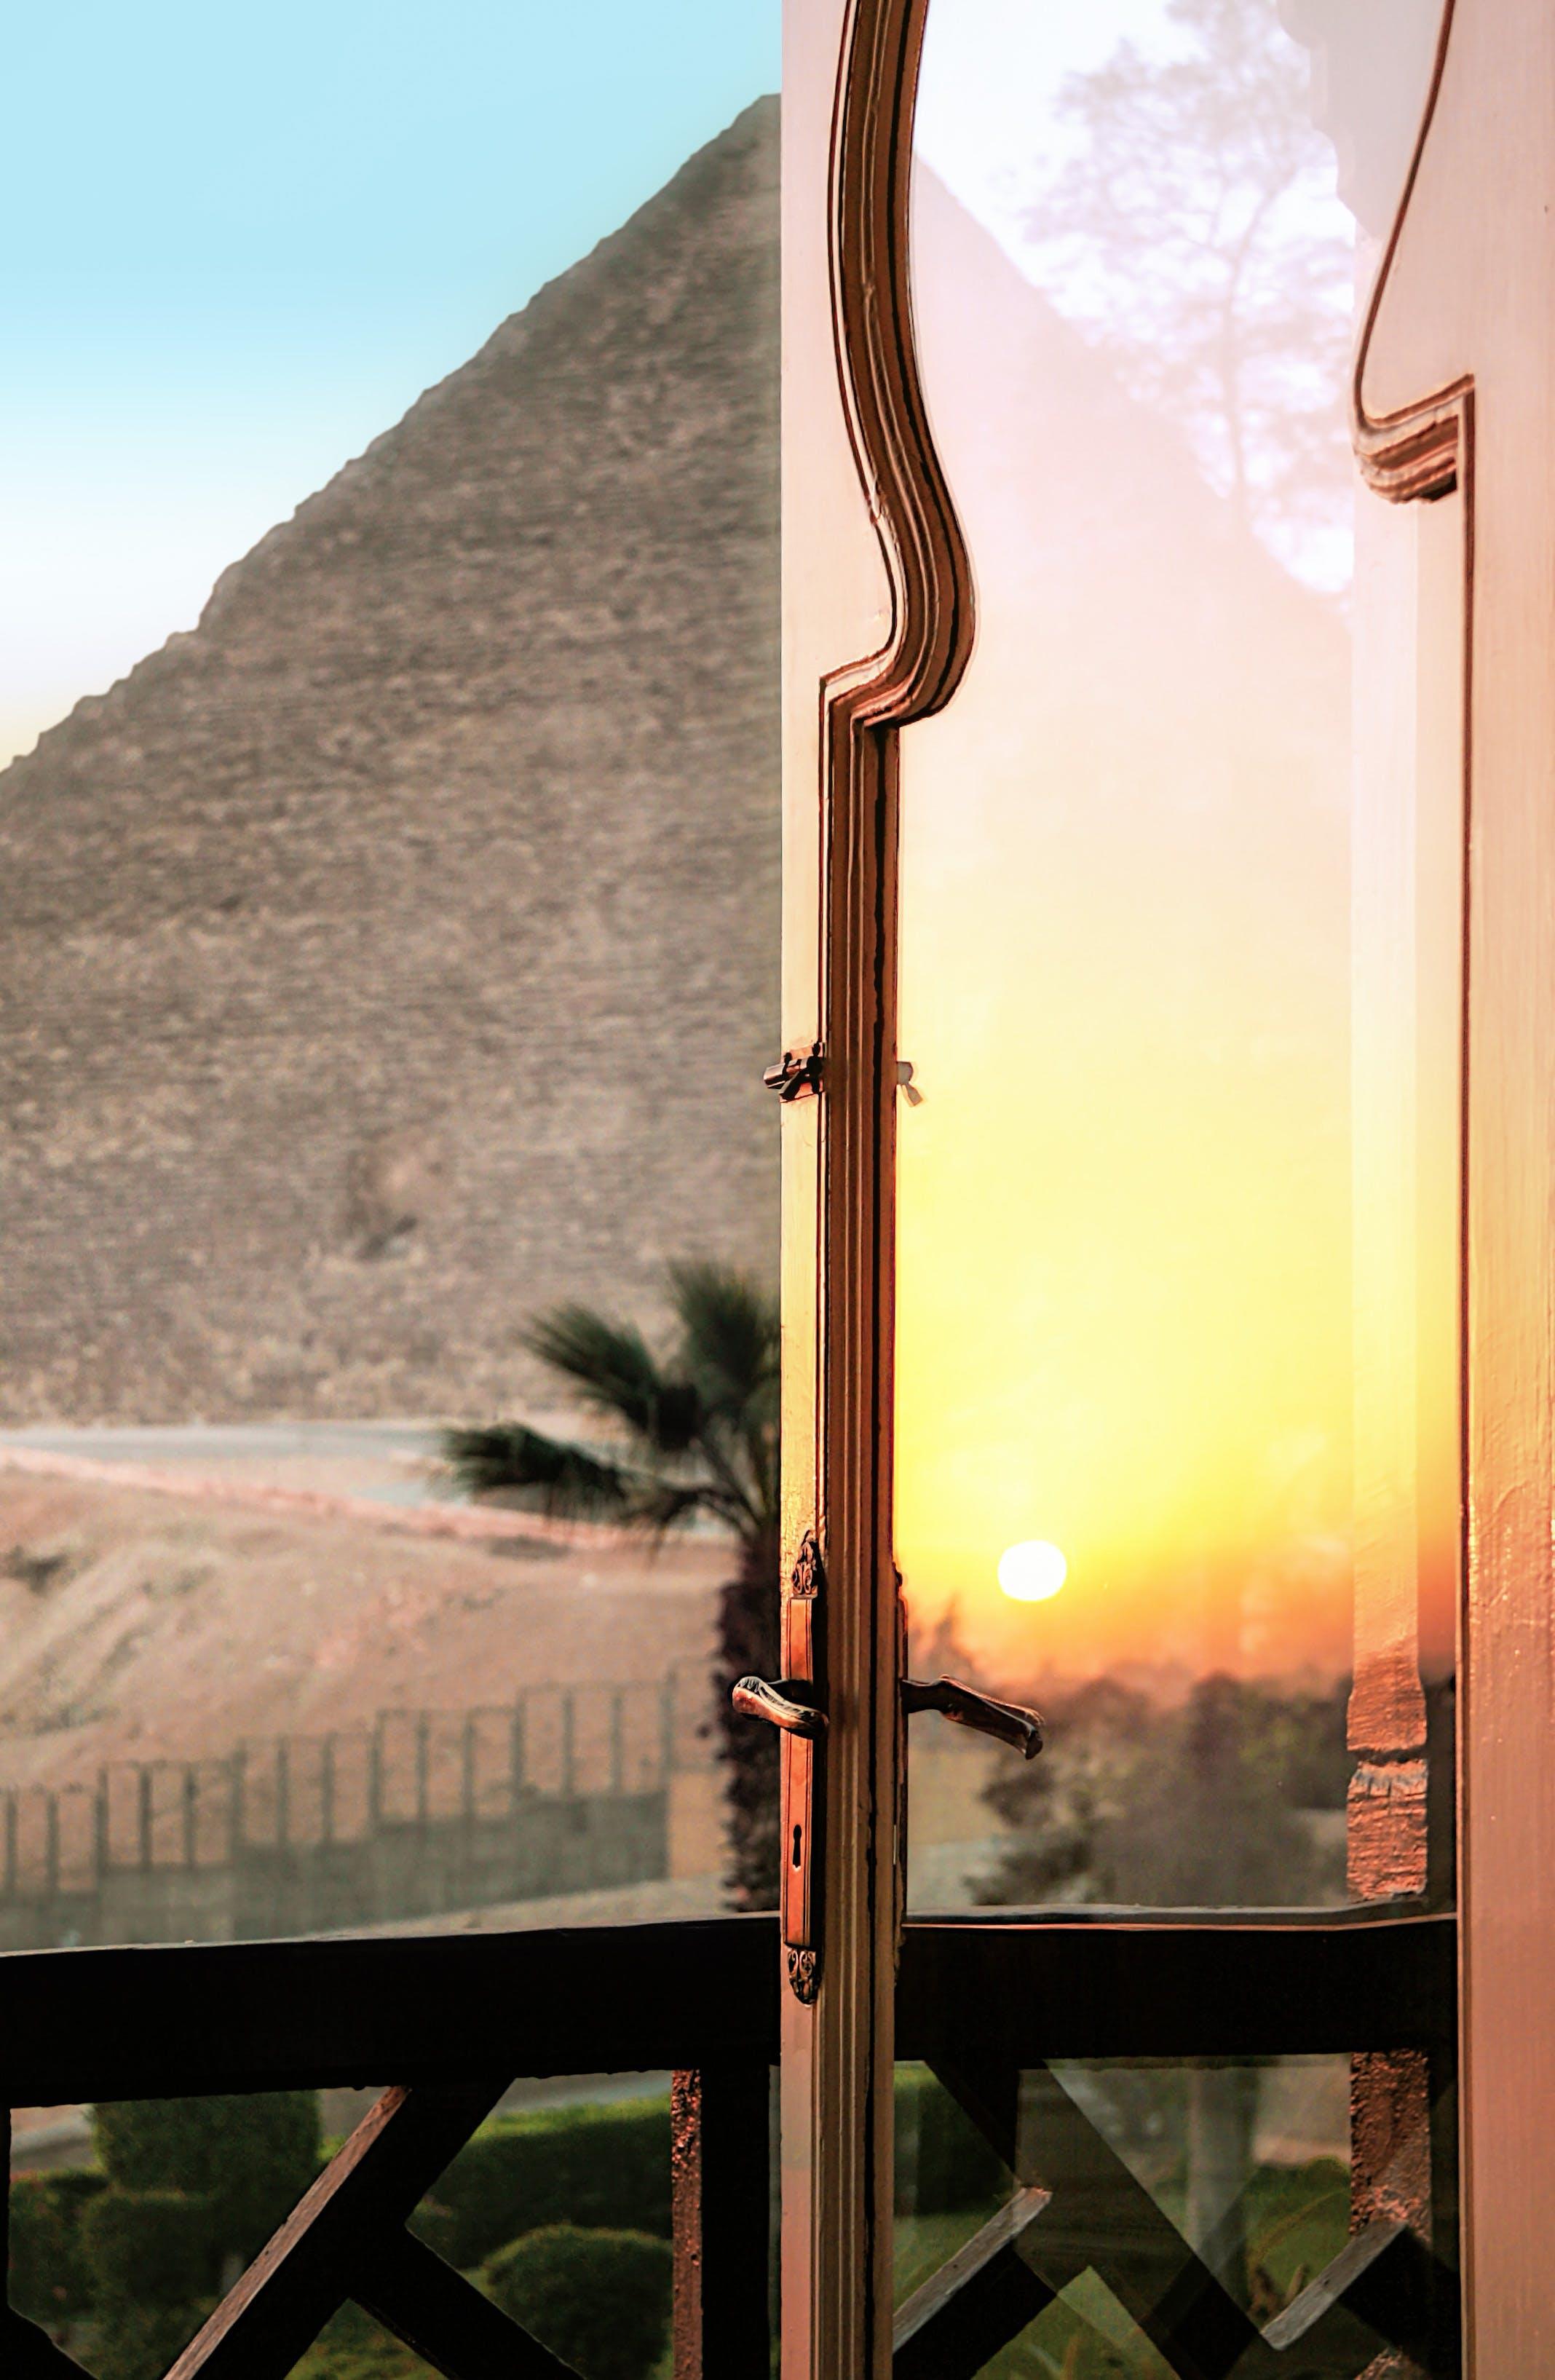 Kostenloses Stock Foto zu Ägypten, architektur, balkon, baum